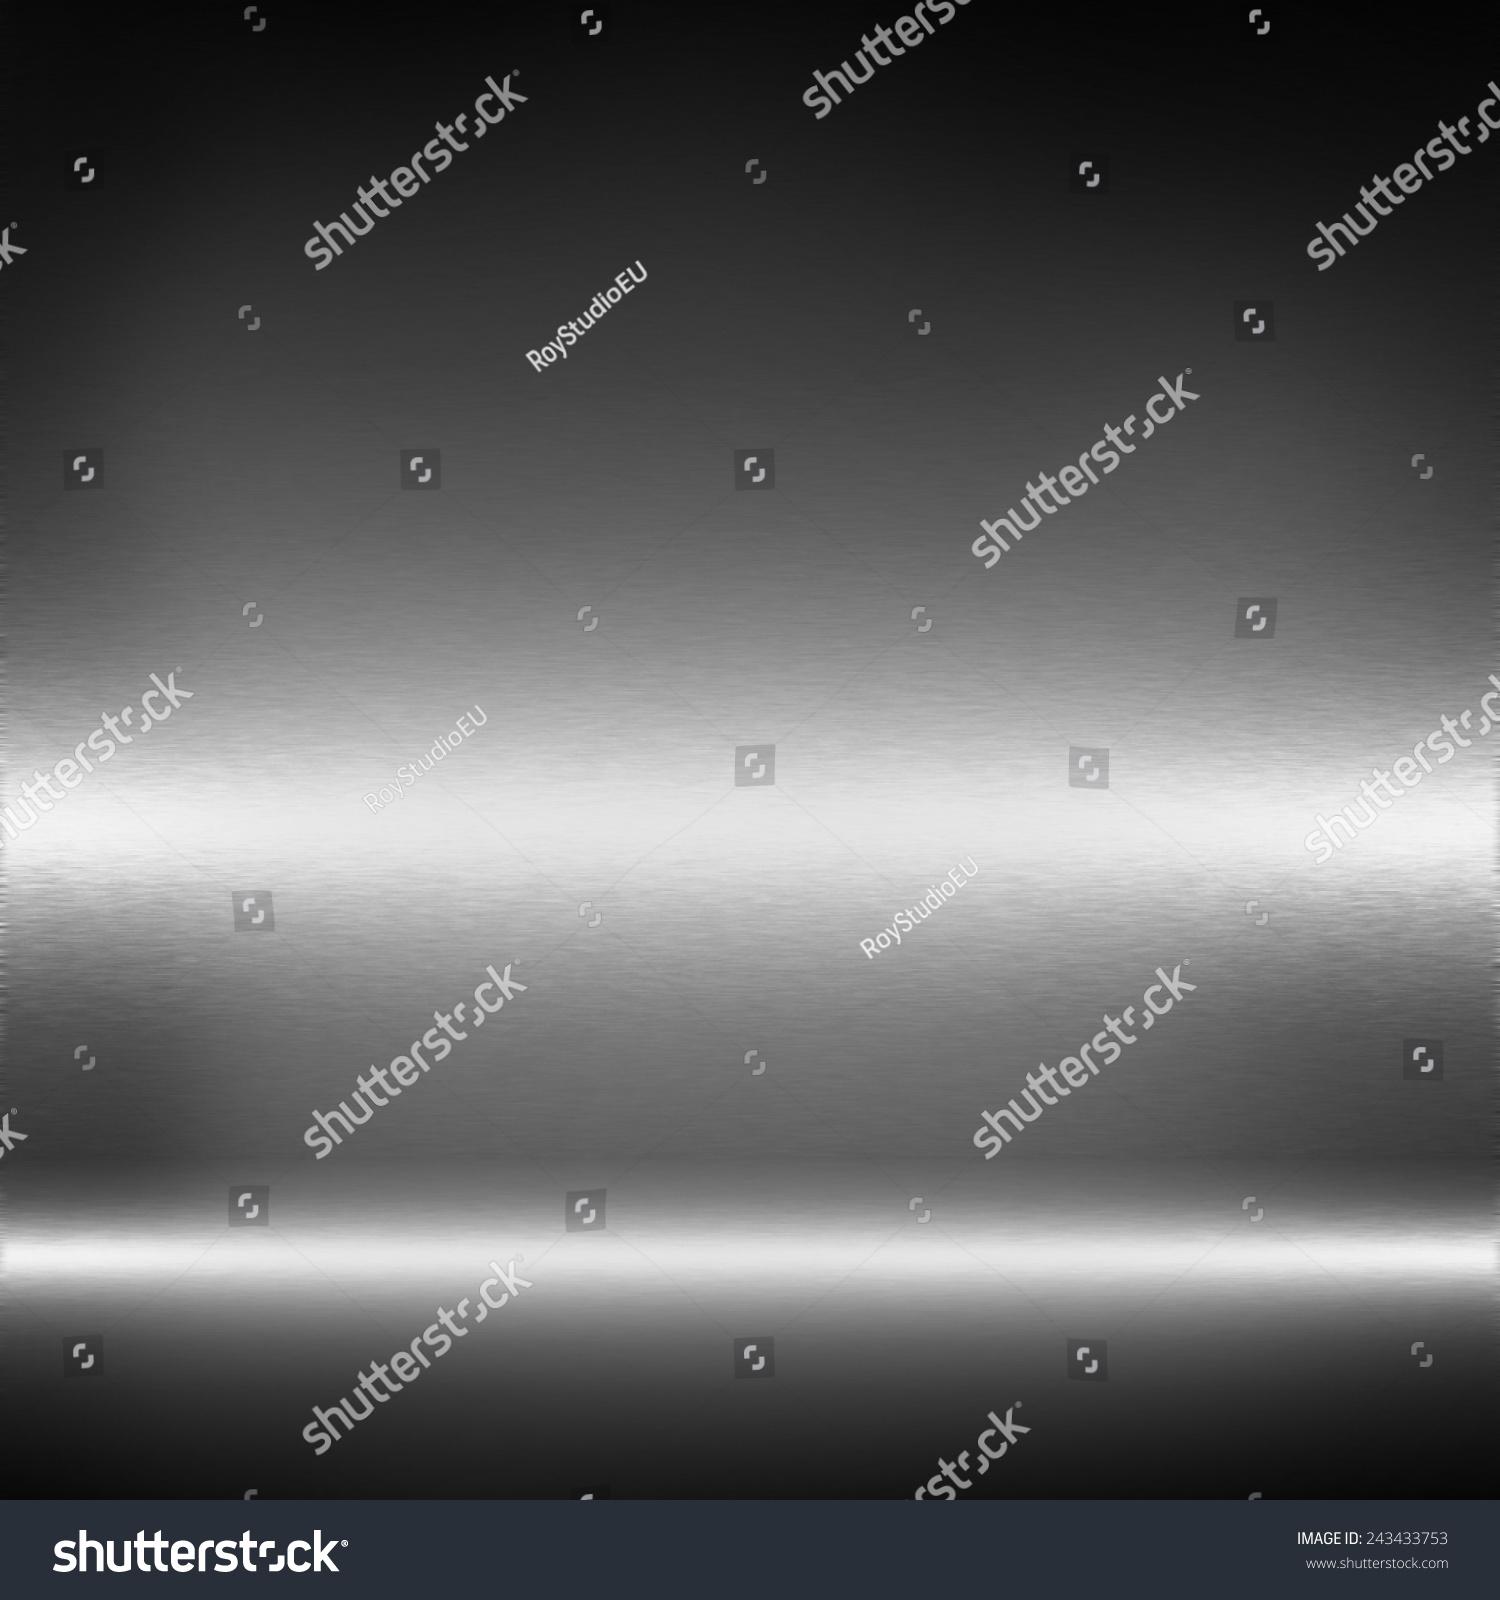 黑色和白色金属结构抽象背景